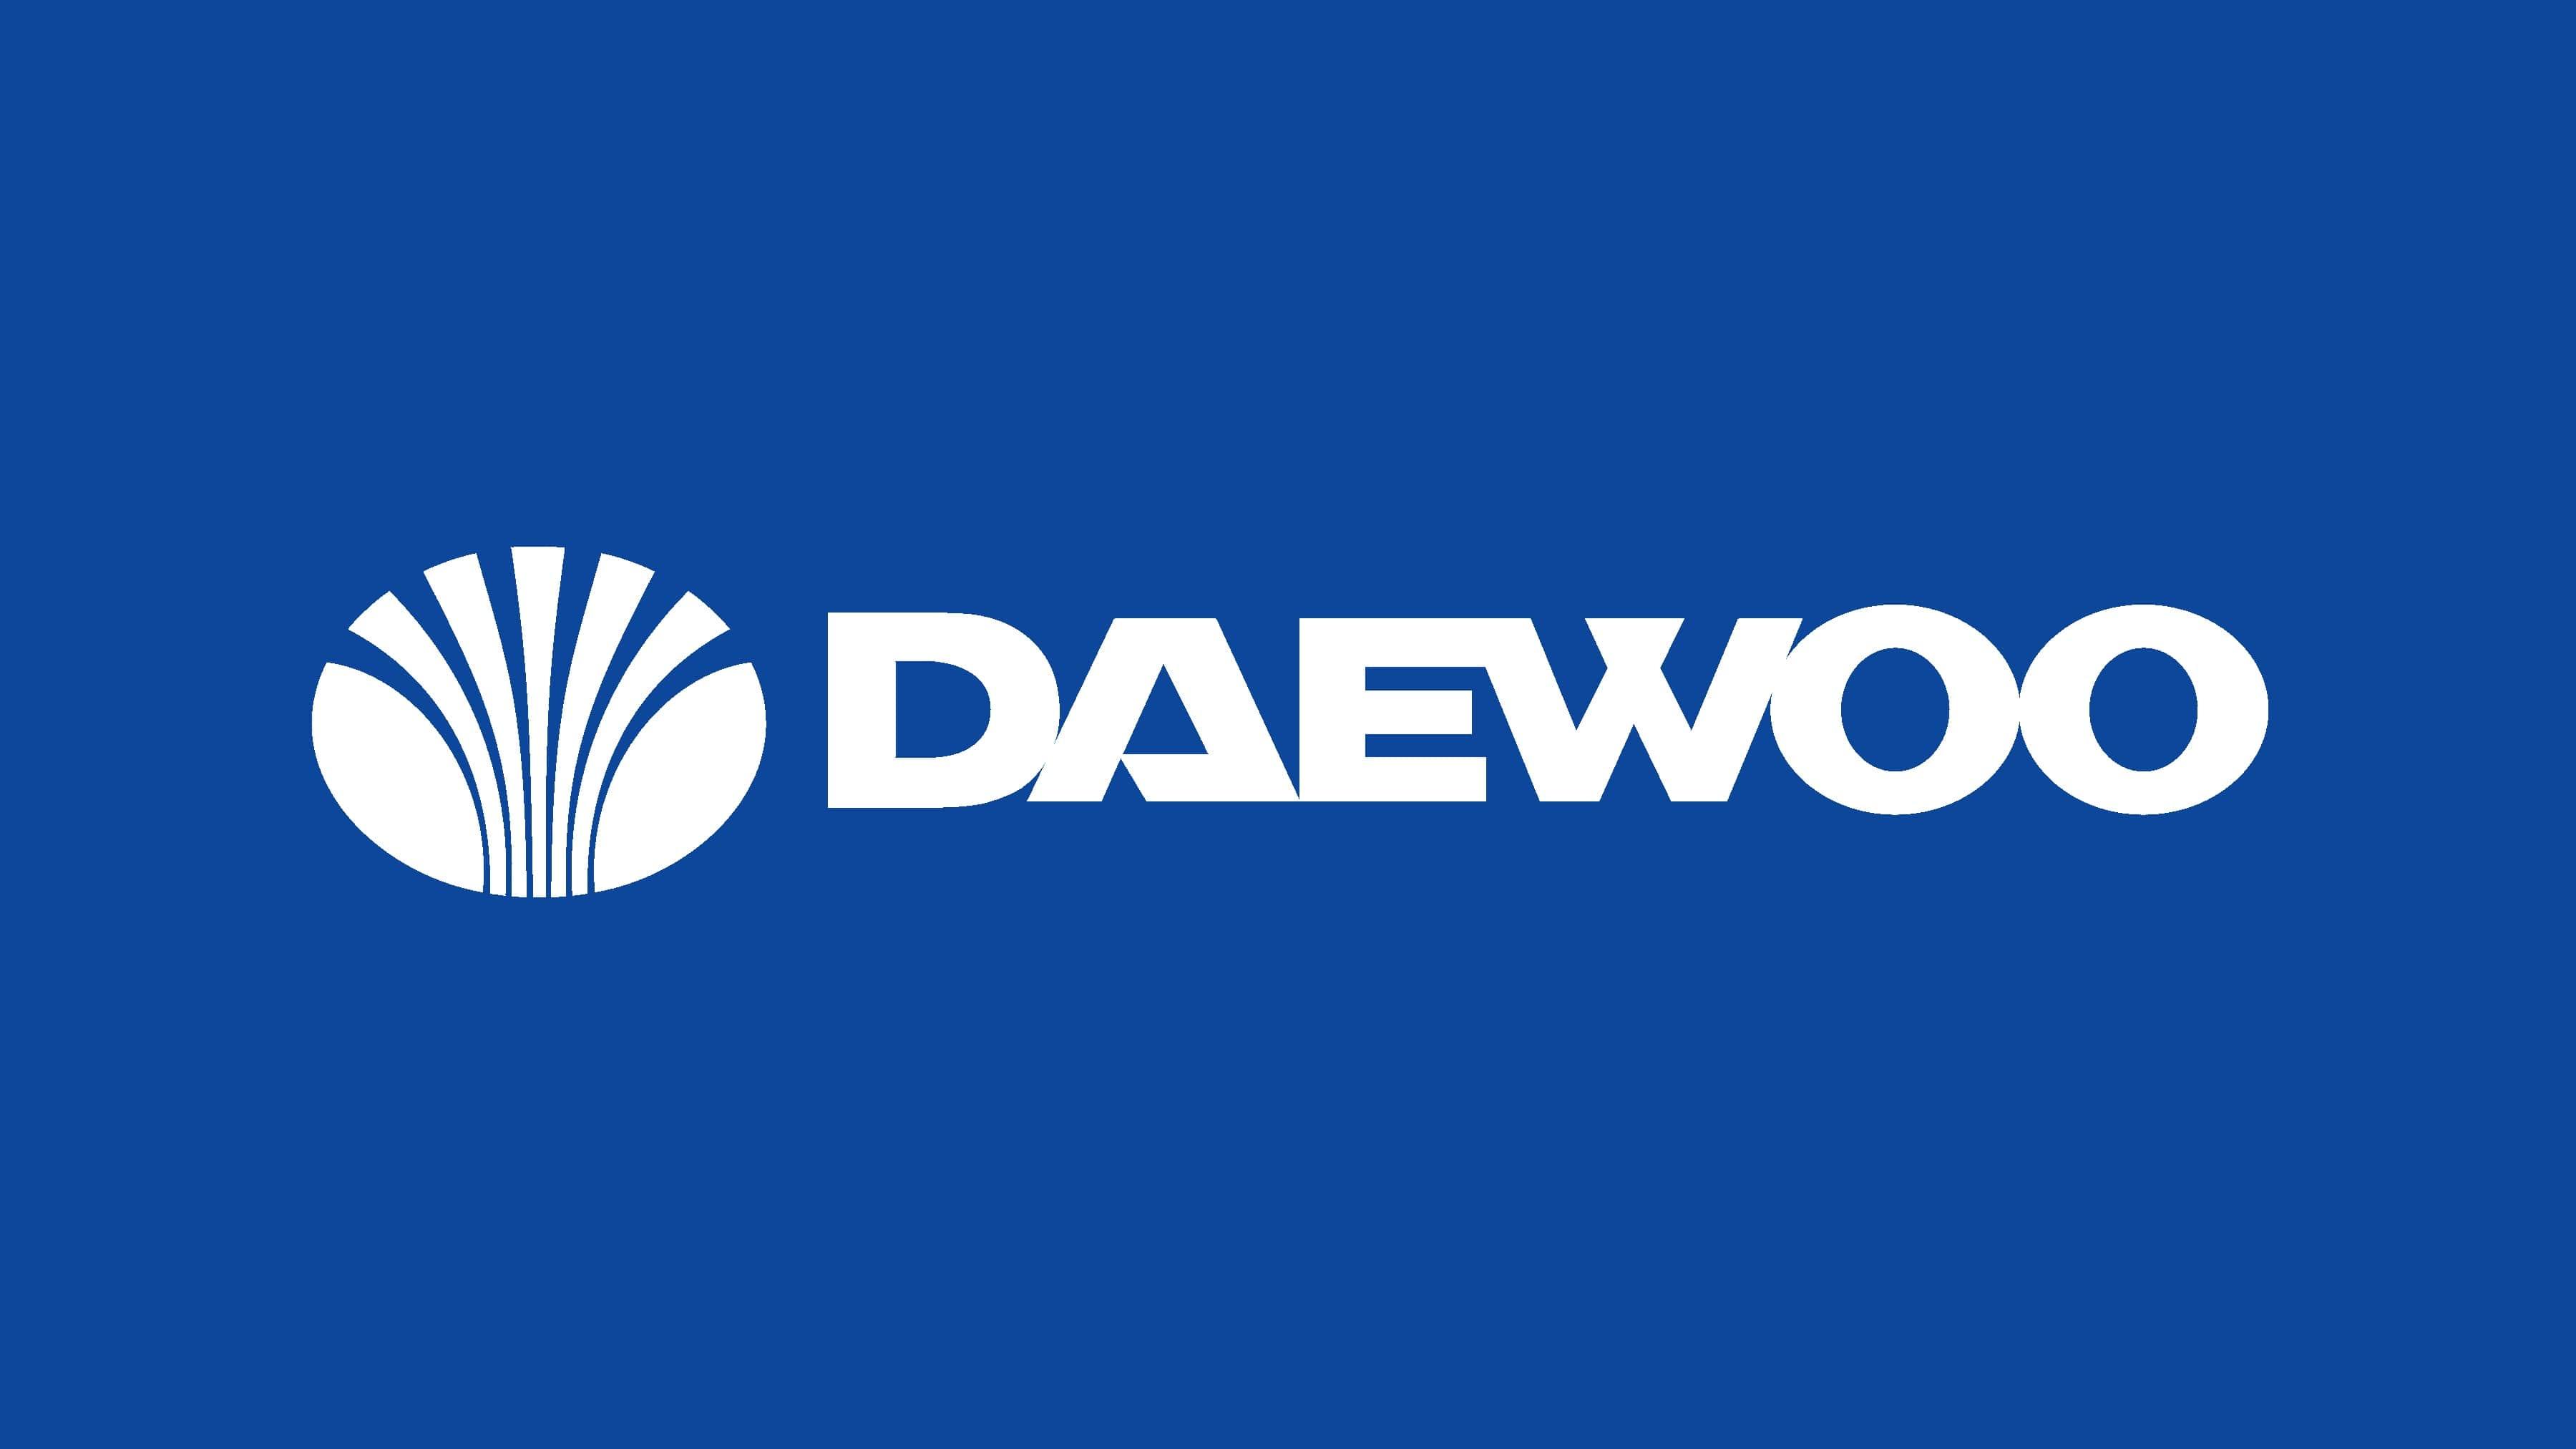 Trung tâm bảo hành tủ lạnh Daewoo tại TPHCM